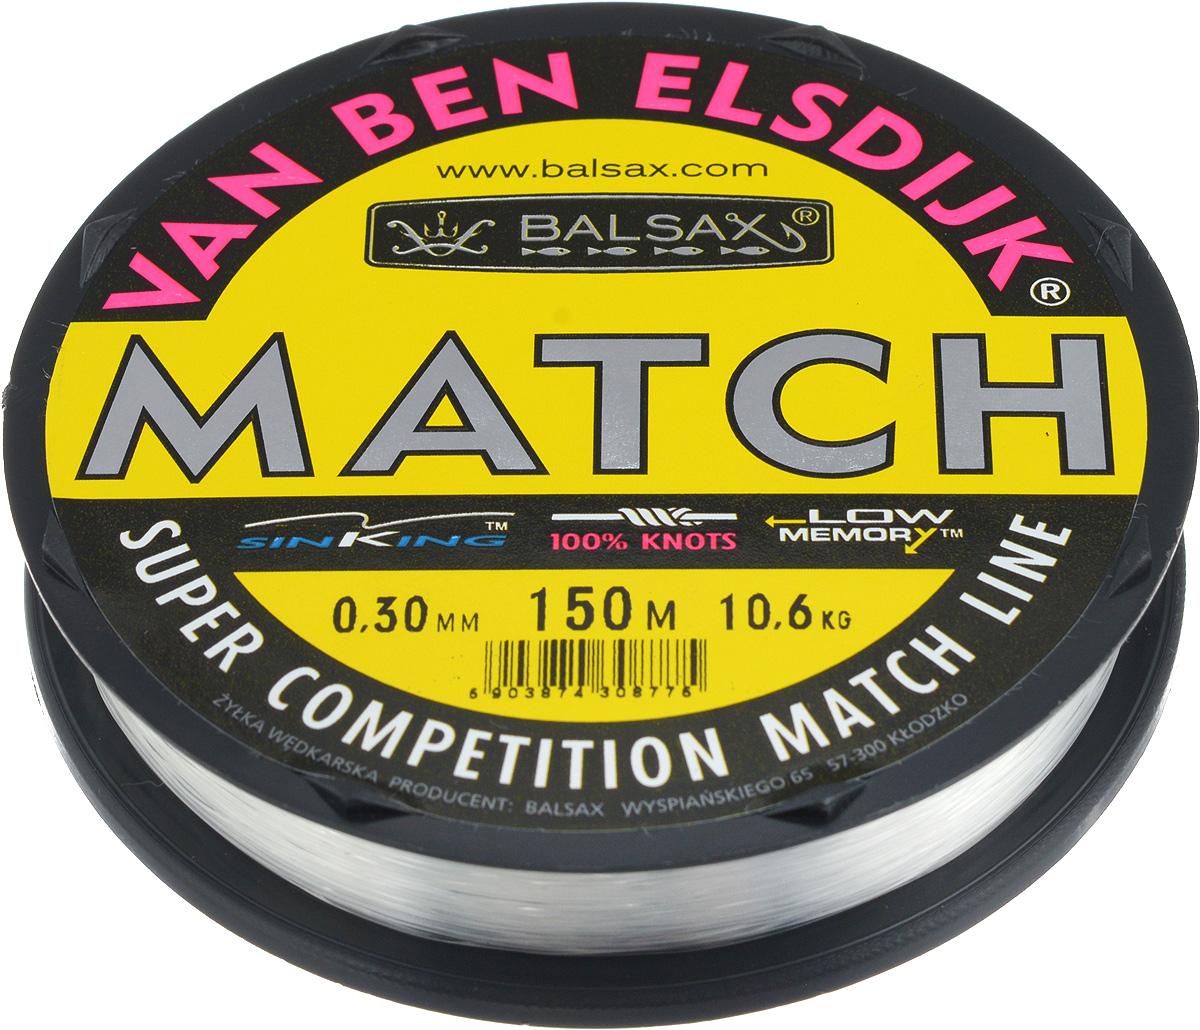 Леска Balsax Match VBE, 150 м, 0,30 мм, 10,6 кг59274Опытным спортсменам, участвующим в соревнованиях, нужна надежная леска, в которой можно быть уверенным в любой ситуации. Леска Balsax Match VBE отличается замечательной прочностью на узле и высокой сопротивляемостью к истиранию. Она была проверена на склонность к остаточным деформациям, чтобы убедиться в том, что она обладает наиболее подходящей растяжимостью, отвечая самым строгим требованиям рыболовов. Такая леска отлично подходит как для спортивного, так и для любительского рыболовства.